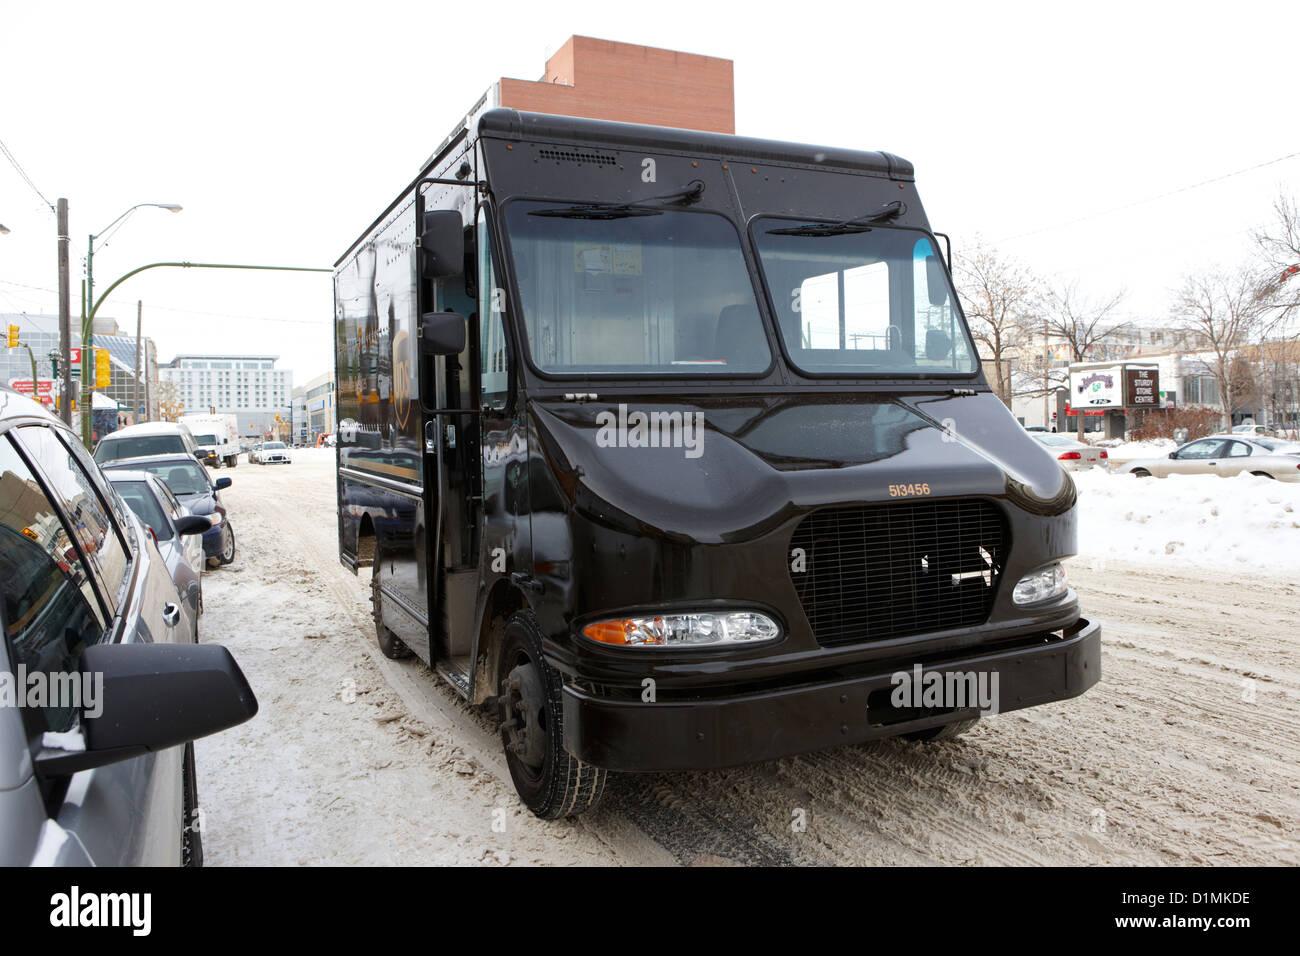 Camion de livraison ups double parked on street par temps froid Saskatoon Saskatchewan Canada Photo Stock